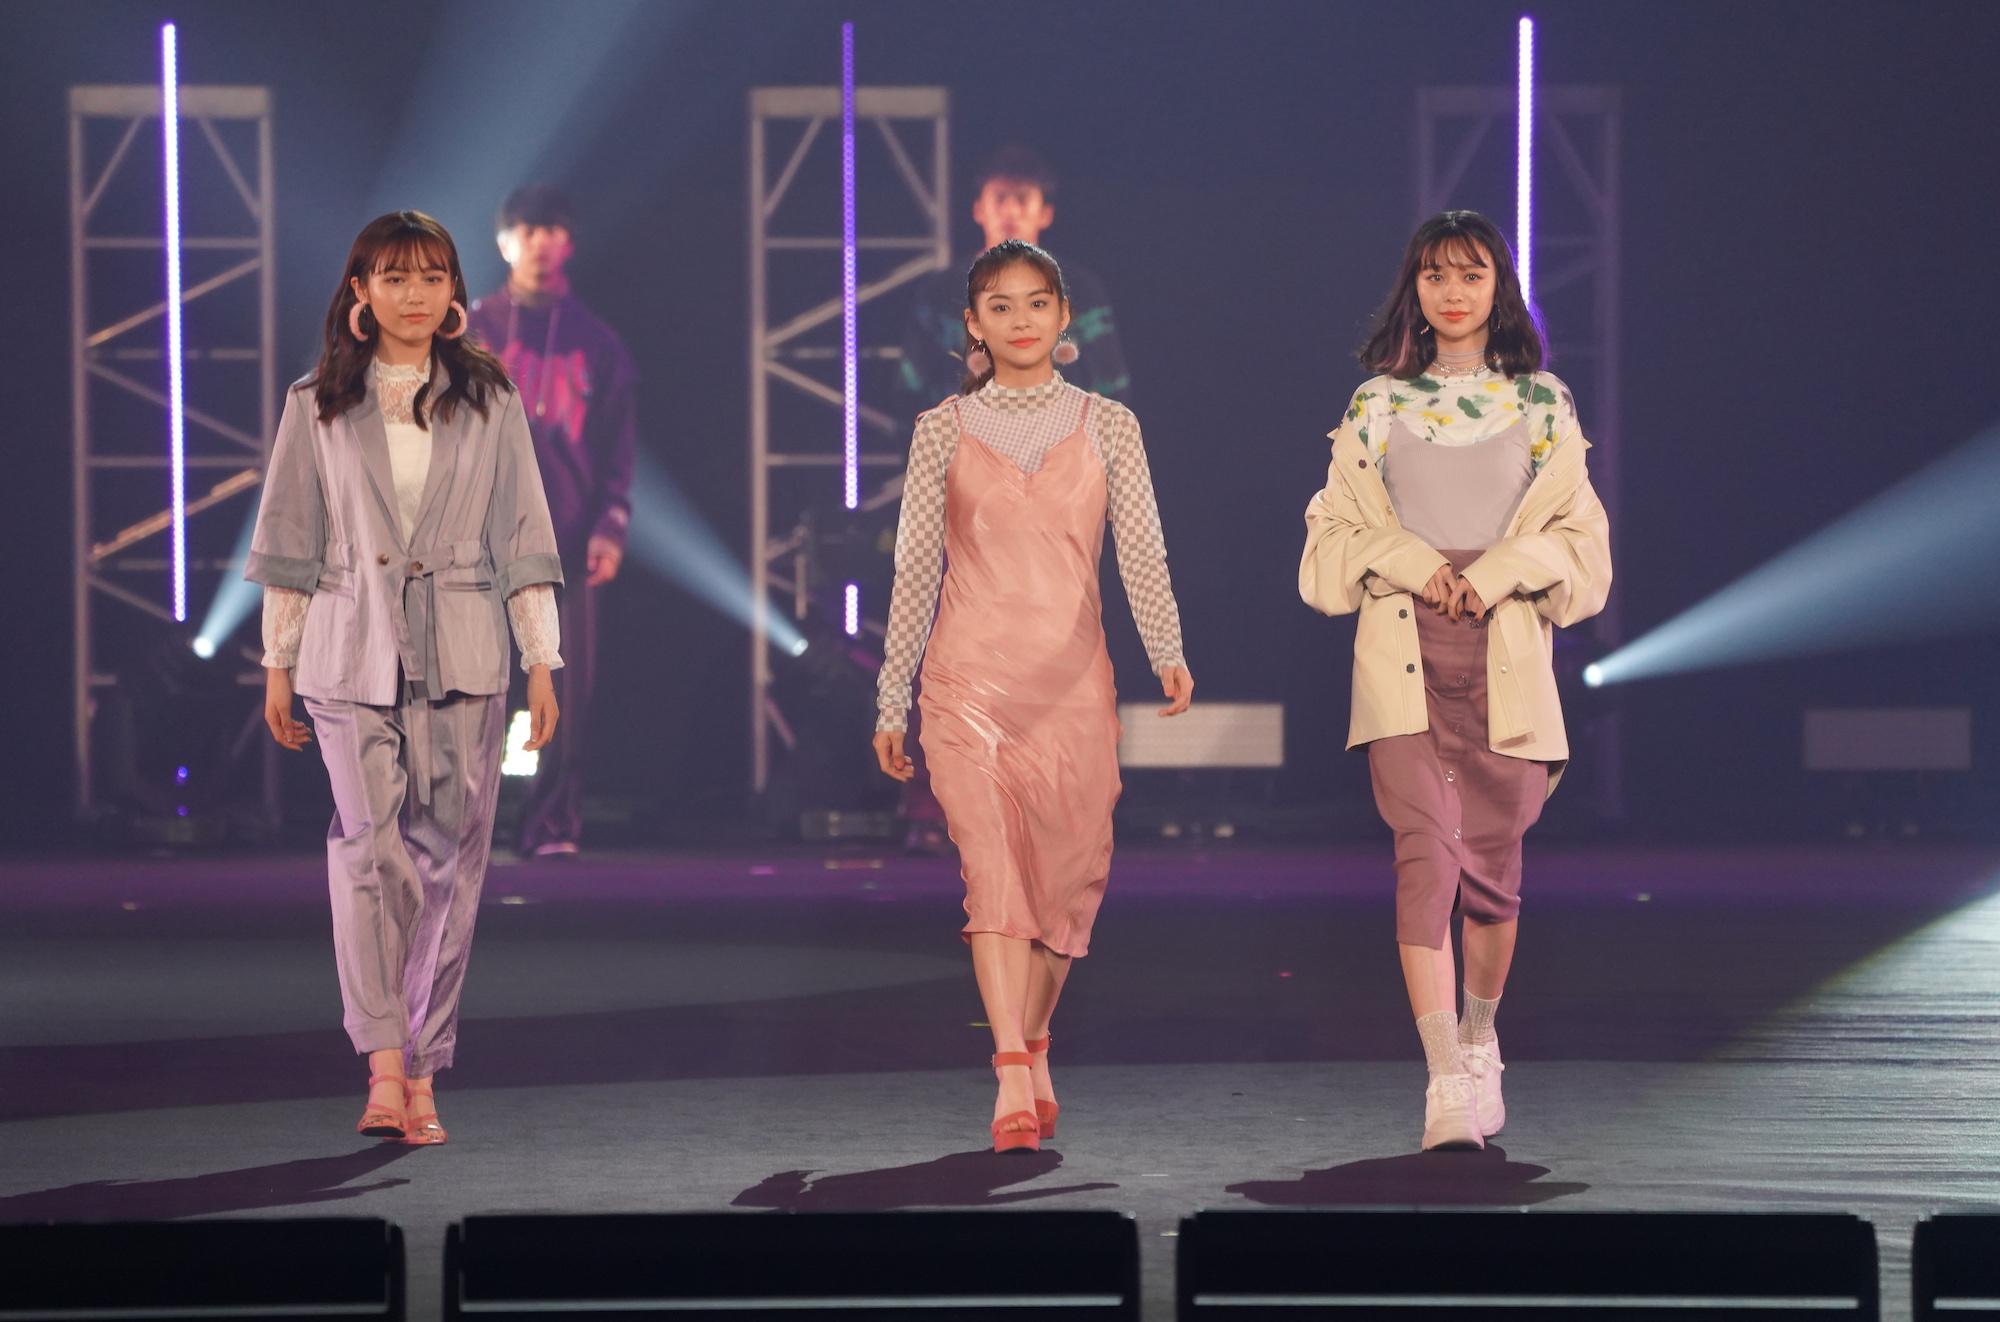 秋田汐梨(左)、永瀬莉子(中央)、田鍋梨々